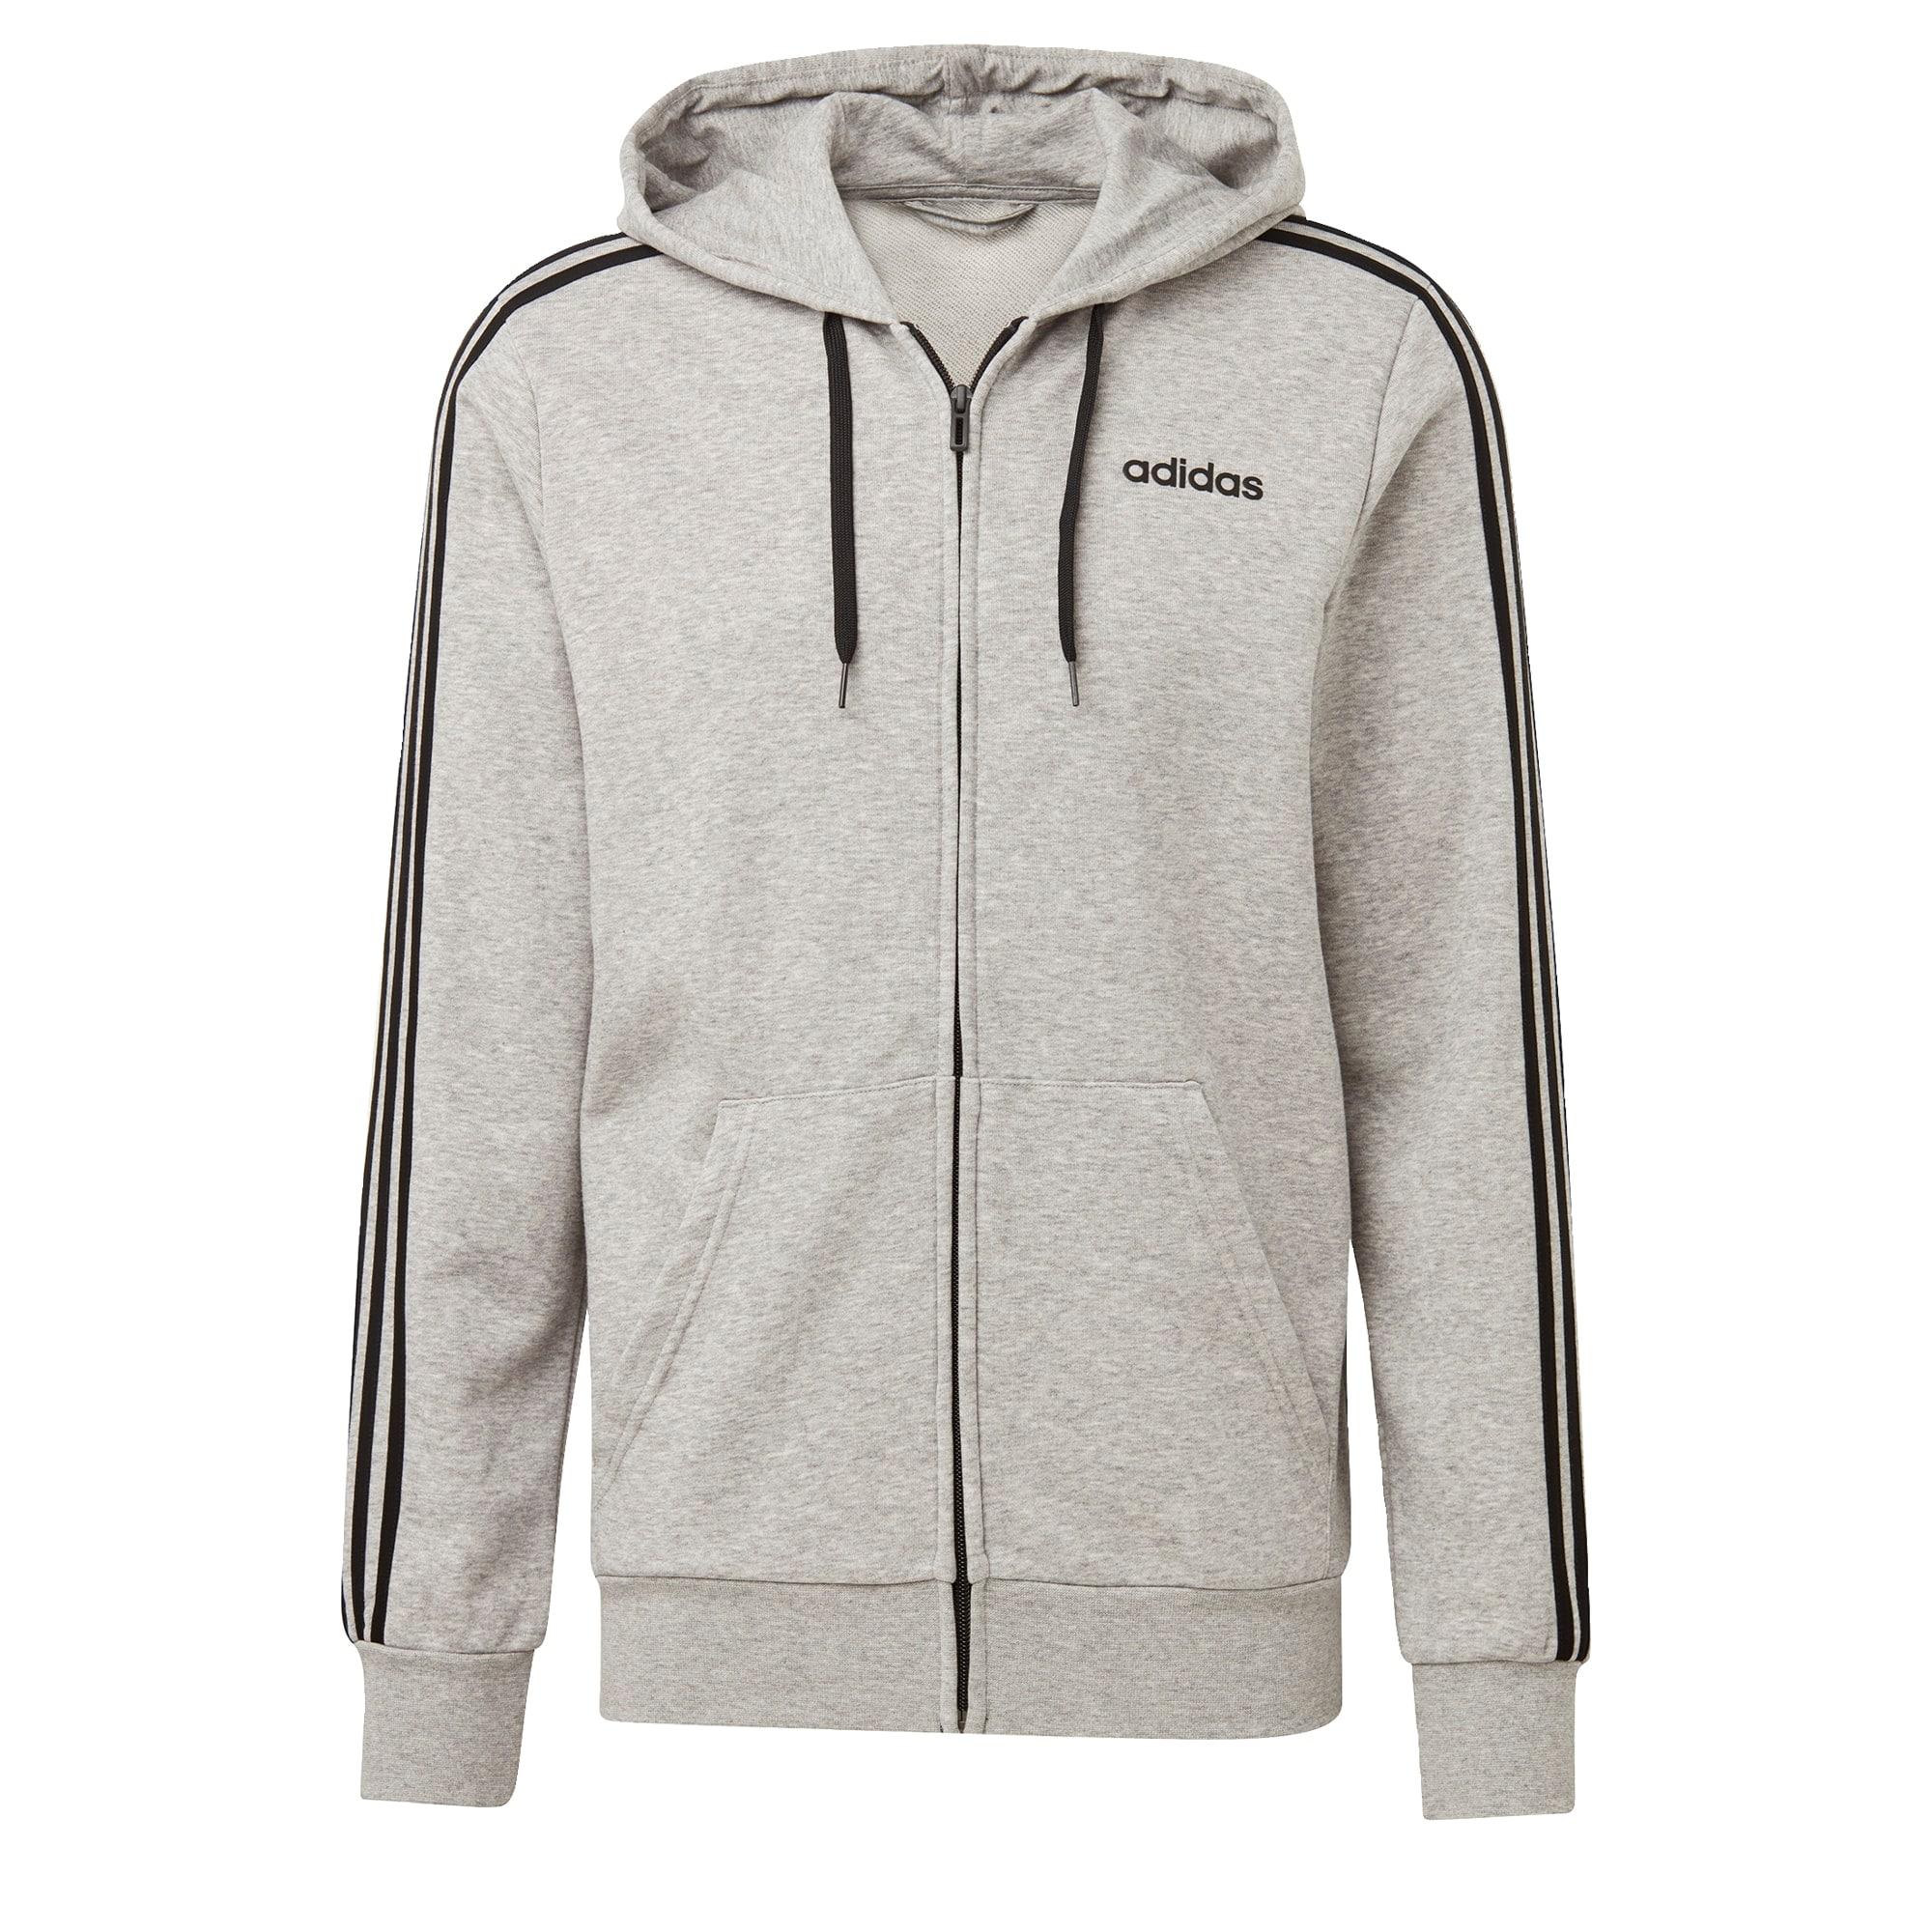 ADIDAS PERFORMANCE Sportinis džemperis margai pilka / juoda